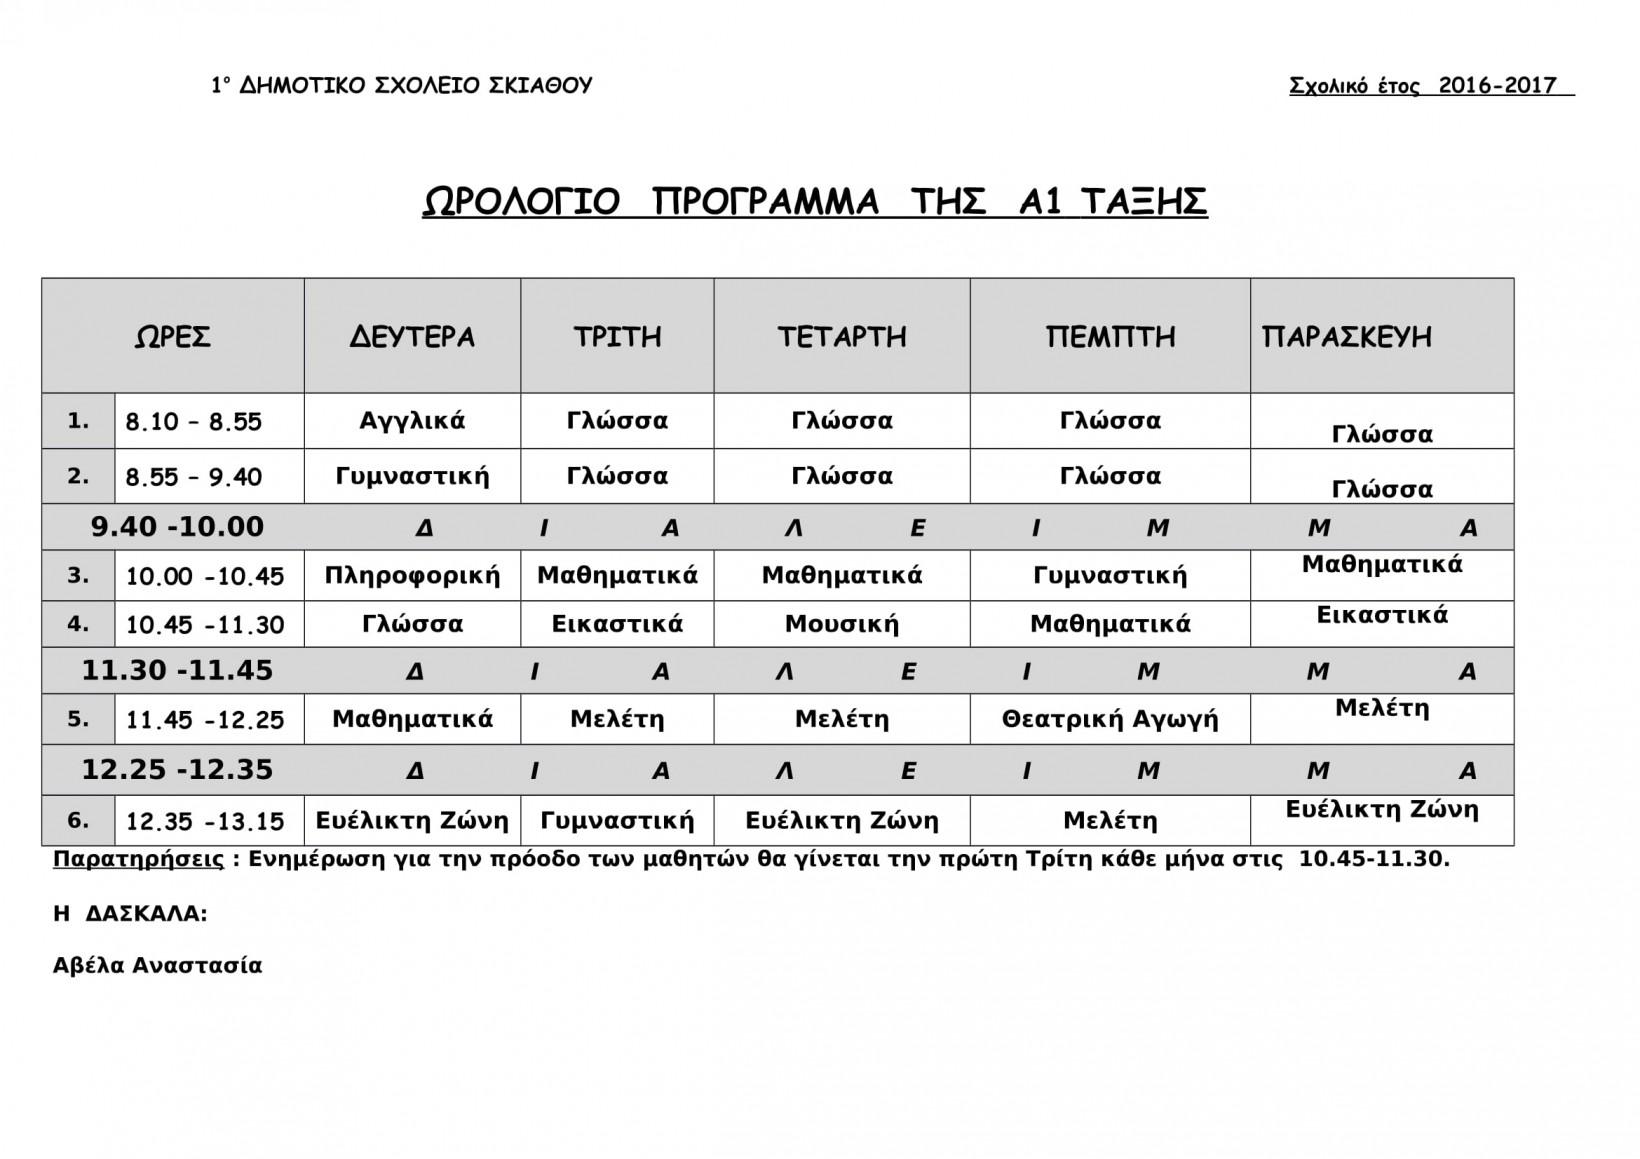 ΩΡΟΛΟΓΙΟ-ΠΡΟΓΡΑΜΜΑ-161 (5)-1